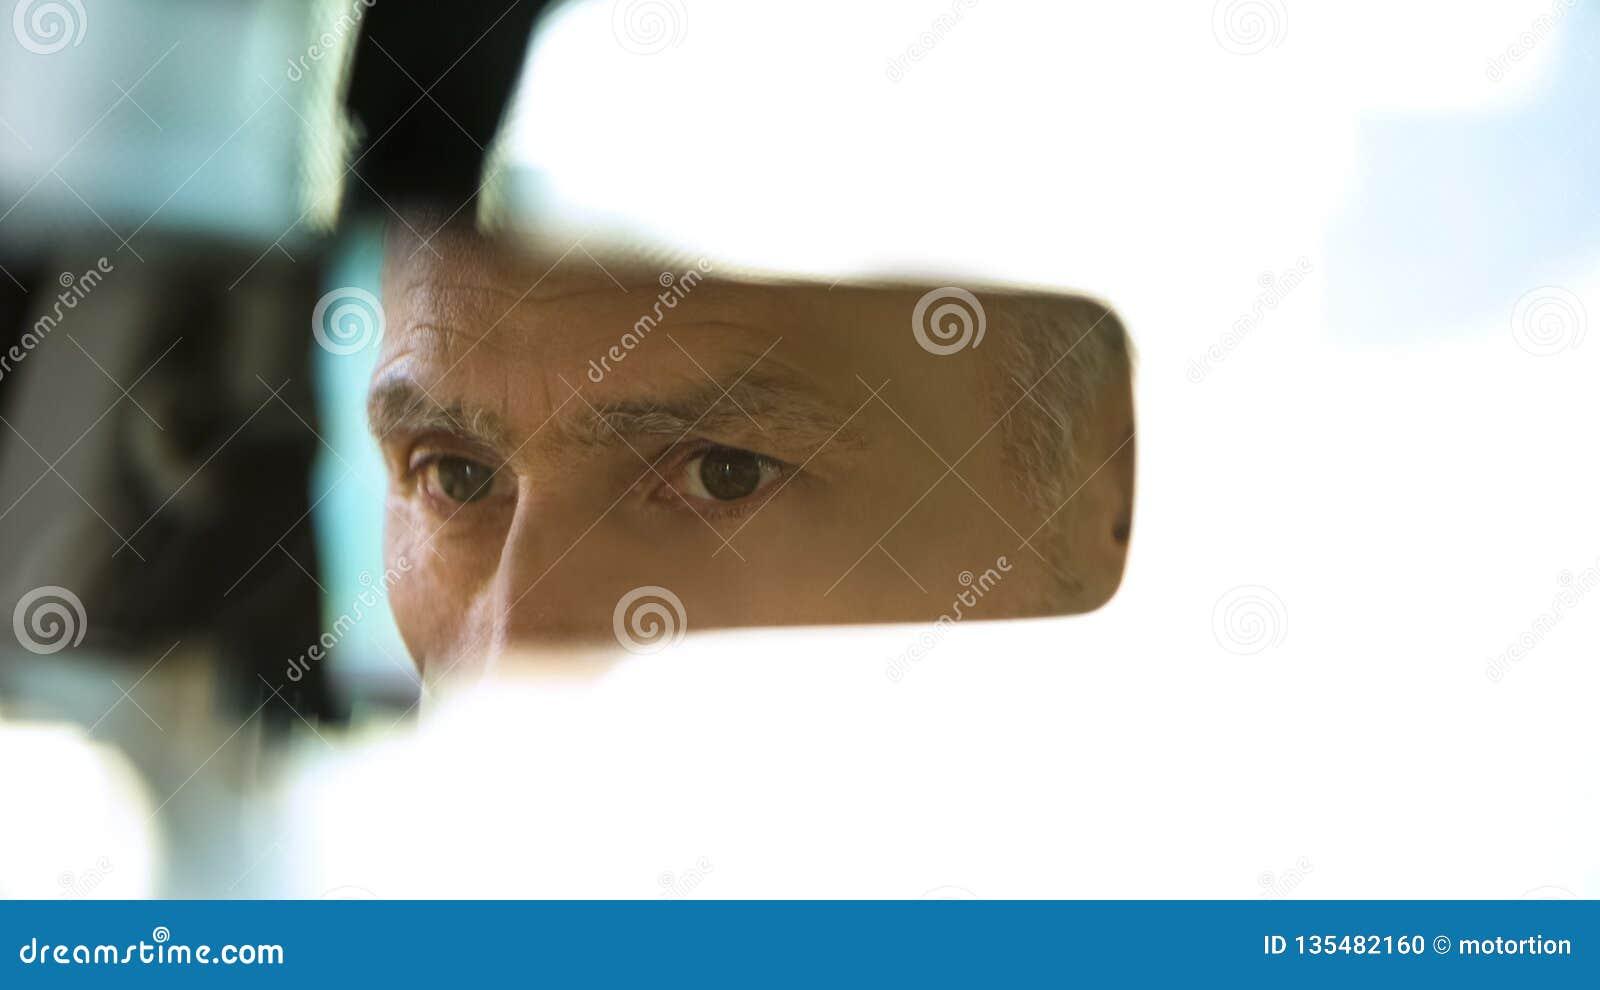 Старая мужская сторона отражая в зеркале заднего вида, водителе такси, безопасности дорожного движения, автомобиле